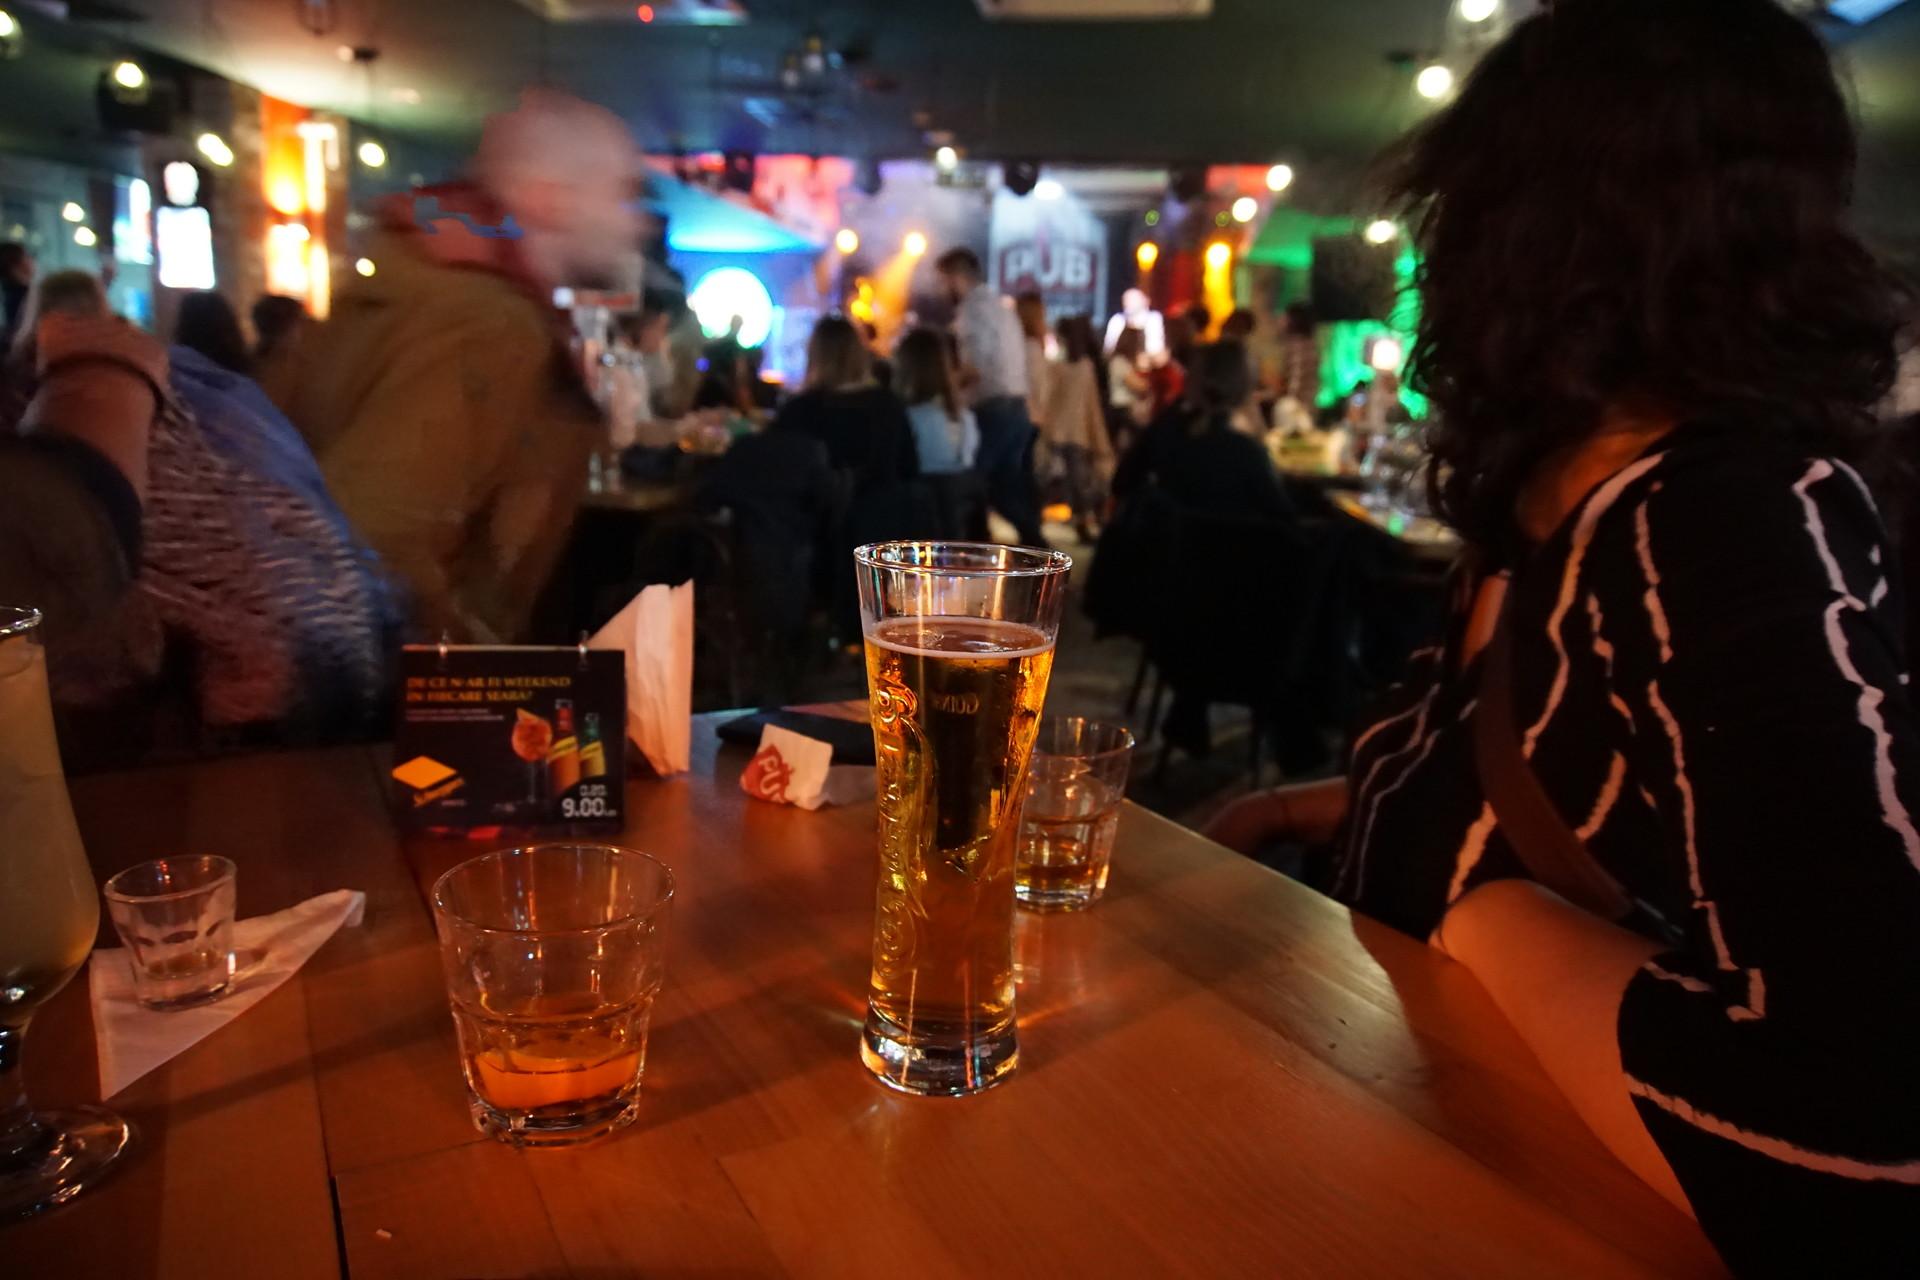 """Celebrating my birthday at """"The pub"""""""